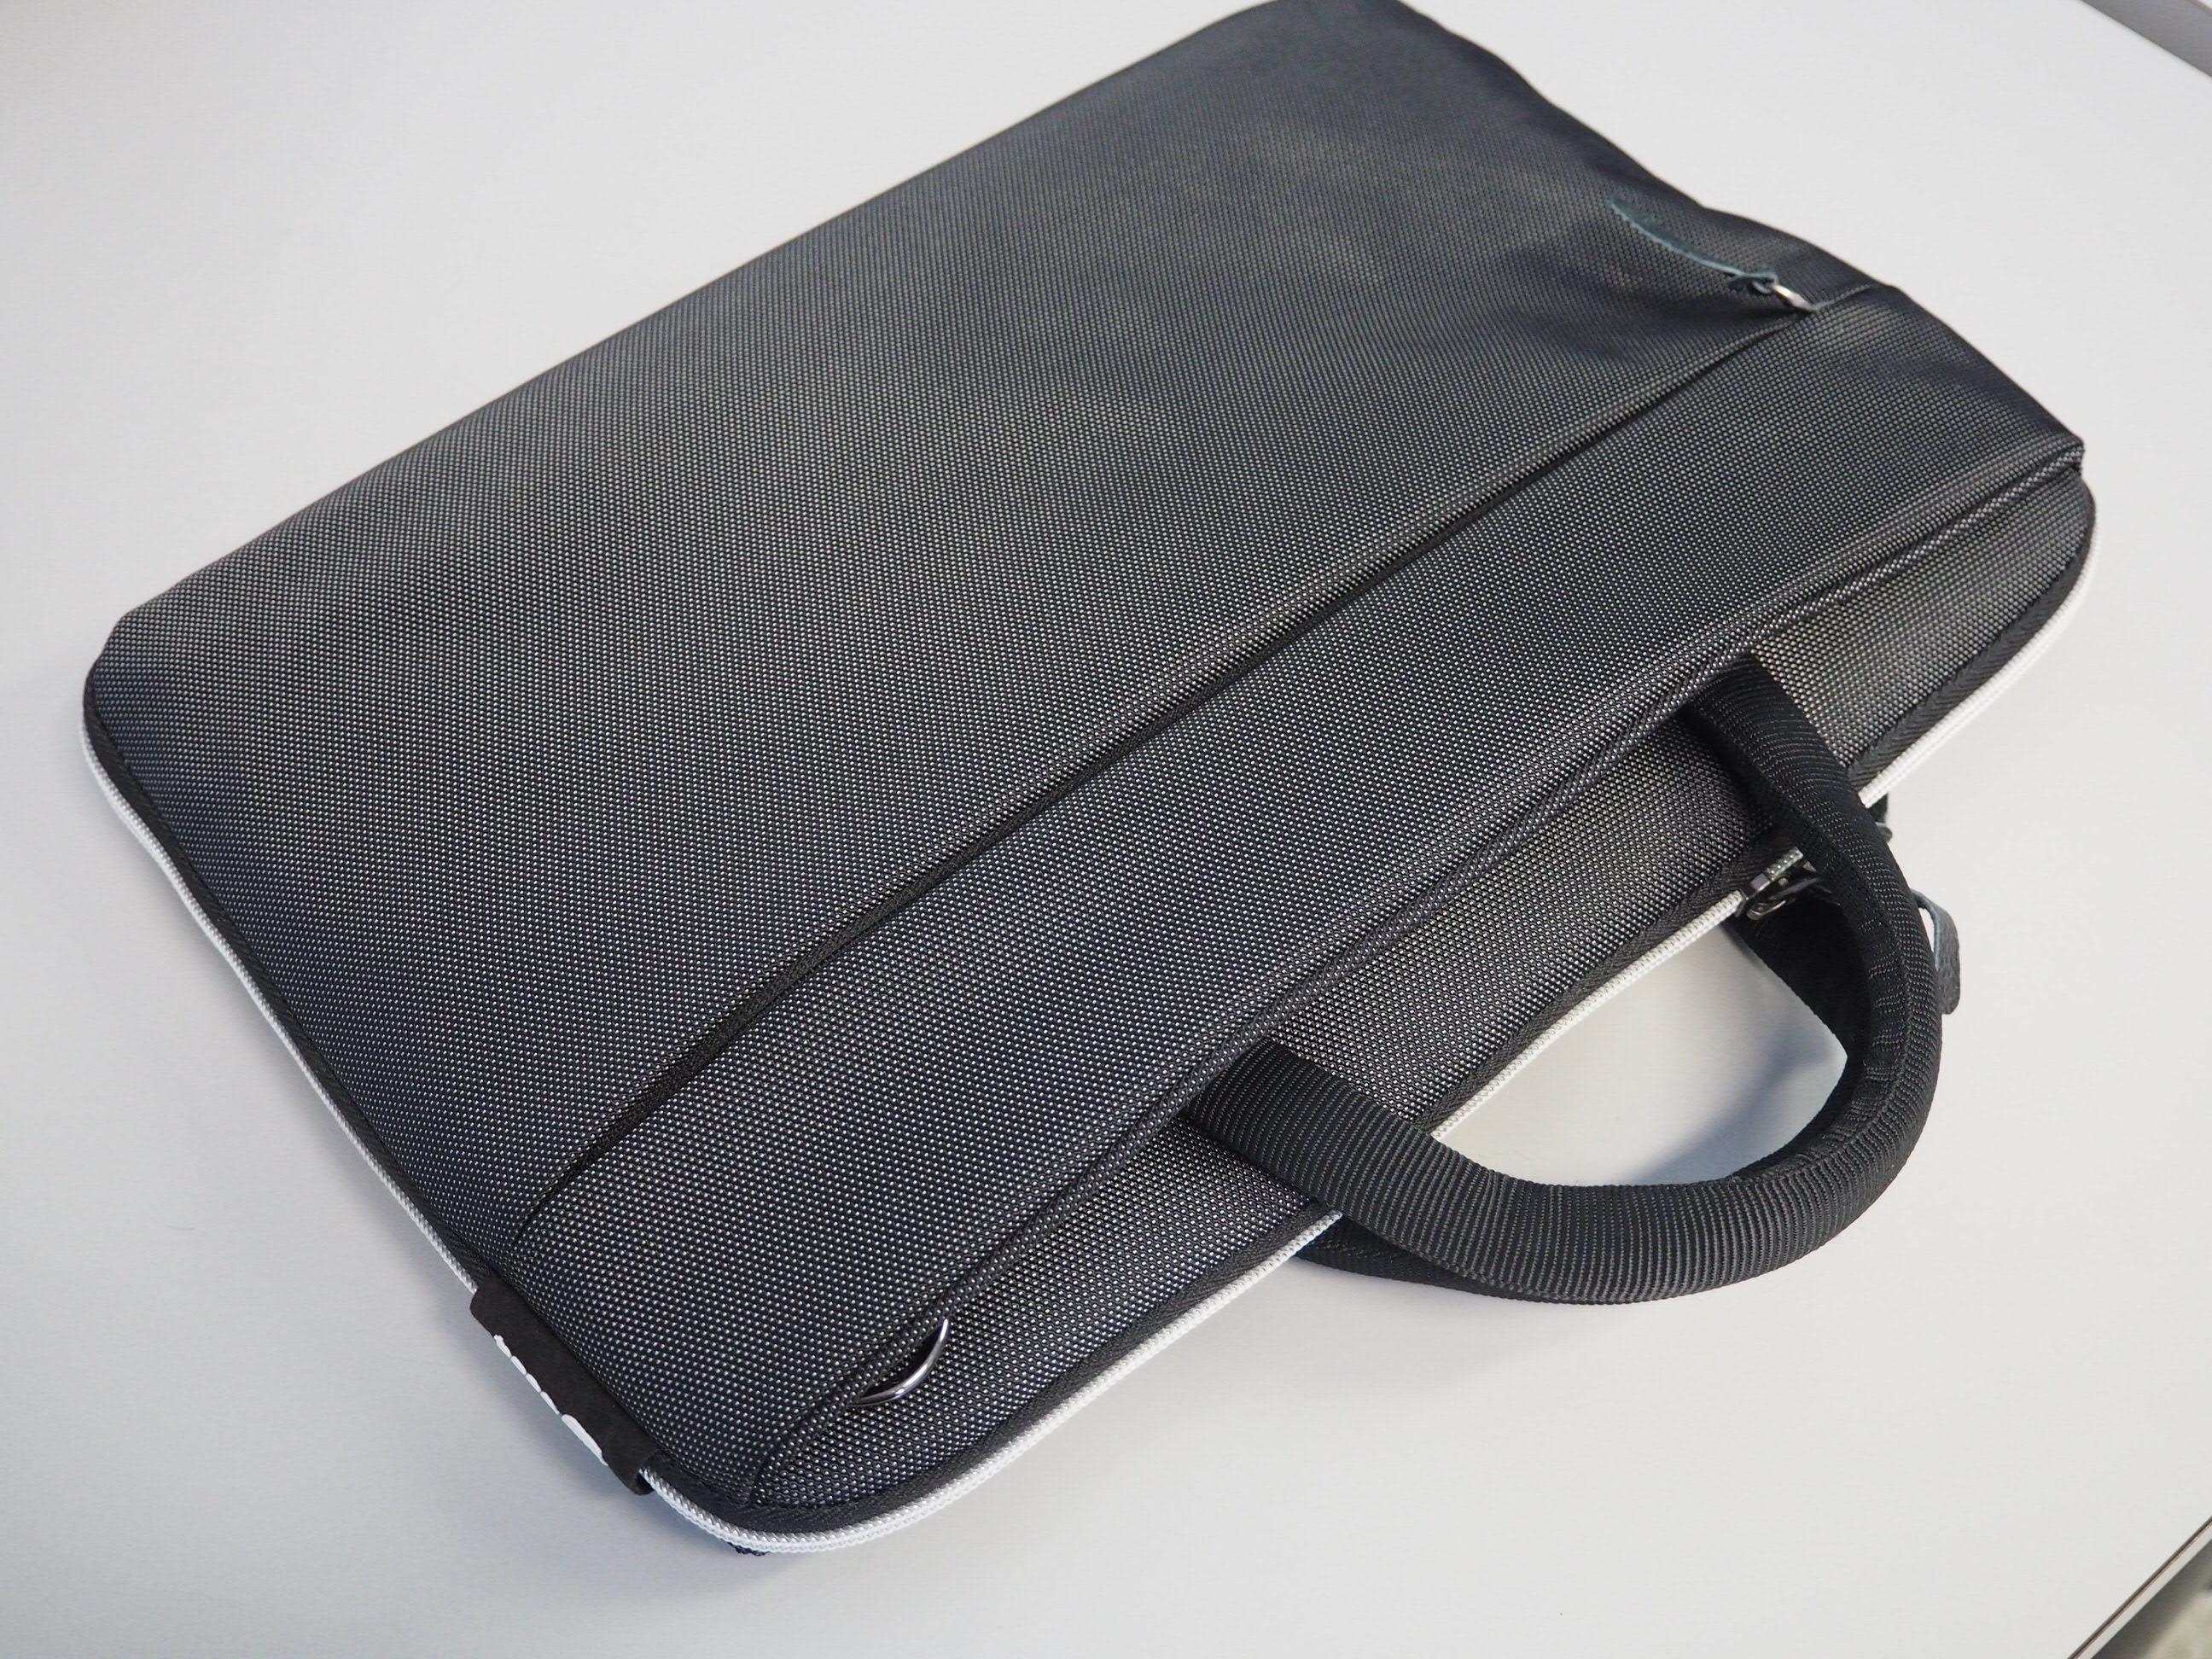 borsa per macbook pro 15 retina